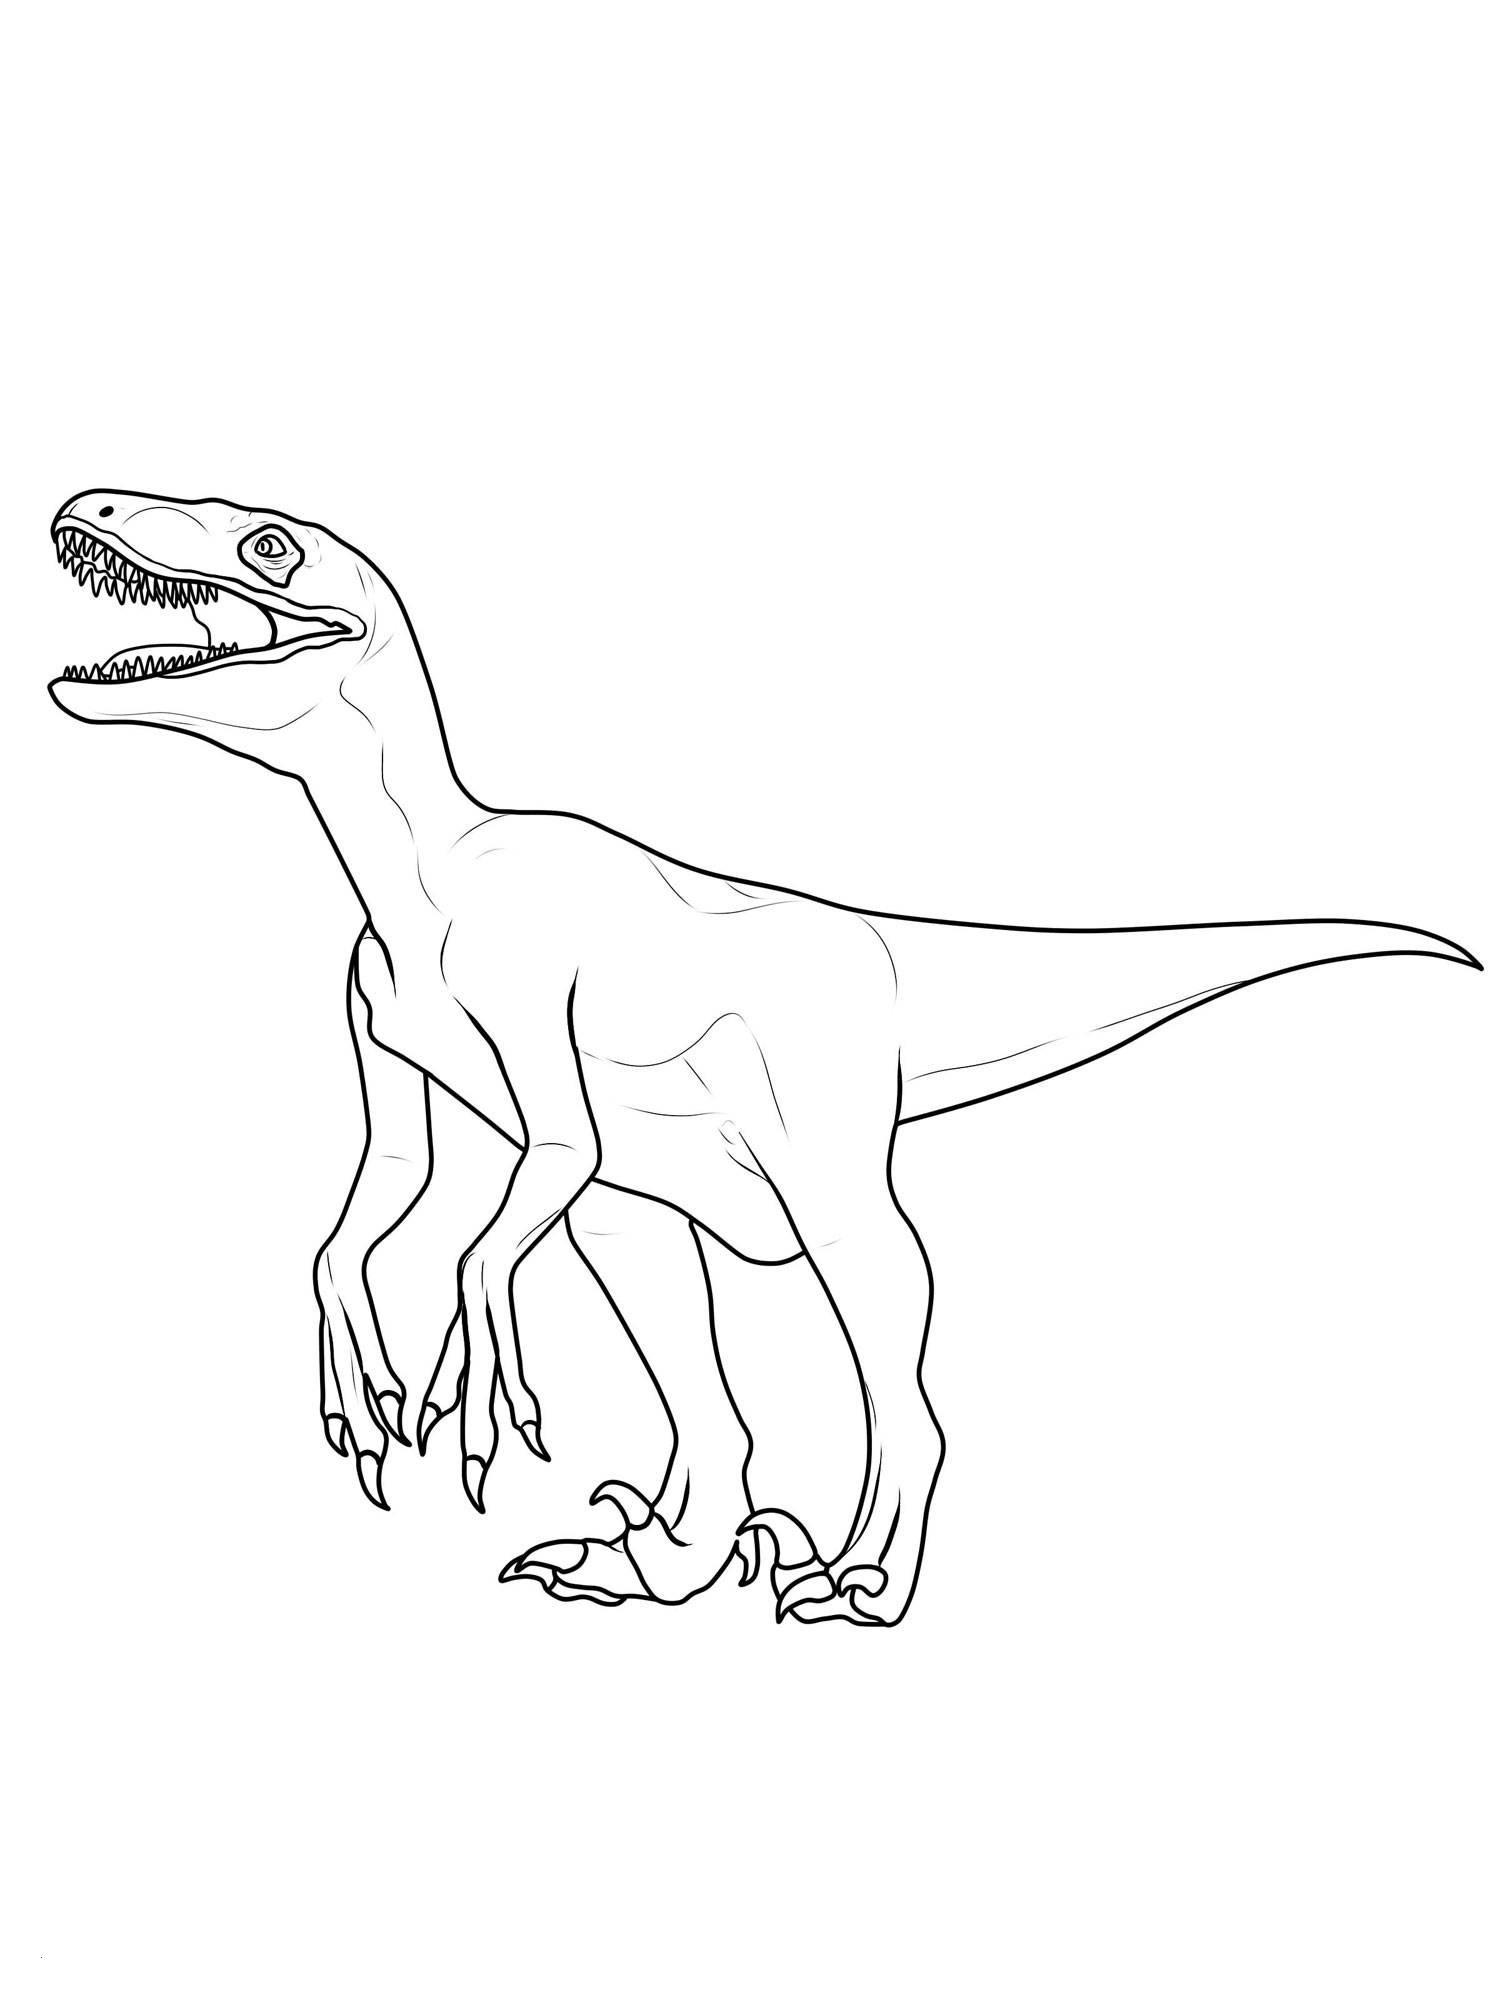 Steinzeit Bilder Zum Ausmalen Das Beste Von Ausmalbilder Dinosaurier Kostenlos Inspirierend 35 Ostern Fotografieren